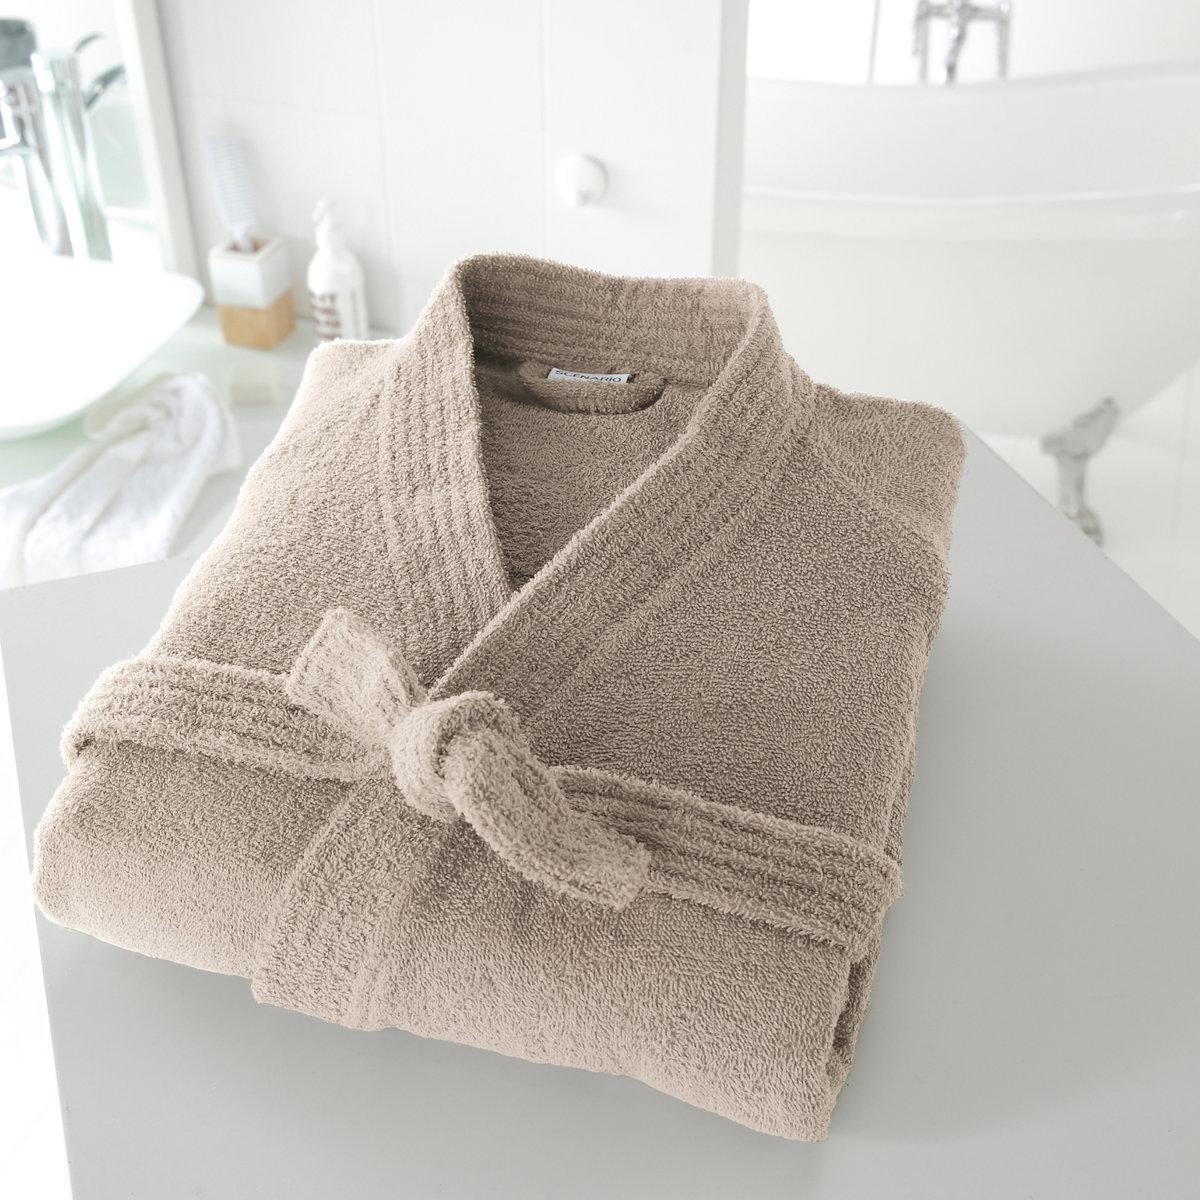 Халат-кимоно 350 г/м?Халат-кимоно с длинными рукавами 350 г/м?, 100% хлопка : нежный, мягкий и отлично впитывающий.яркая цветовая гамма: 18 цветов на выбор. Описание халата:Этот халат имеет знак качества Valeur S?re, протестирован и проконтролирован в лаборатории.2 накладных кармана, пояс под шлевками. Легок в уходе: отлично сохраняет цвет при стирке при 60°. Машинная сушка.Длина халата: 110 - 113 см.<br><br>Цвет: белый,голубой бирюзовый,гренадин,светло-серый,серо-бежевый,фиолетовый,черный<br>Размер: 42/44 (FR) - 48/50 (RUS).38/40 (FR) - 44/46 (RUS).42/44 (FR) - 48/50 (RUS).46/48 (FR) - 52/54 (RUS).38/40 (FR) - 44/46 (RUS).42/44 (FR) - 48/50 (RUS).38/40 (FR) - 44/46 (RUS).38/40 (FR) - 44/46 (RUS).46/48 (FR) - 52/54 (RUS).50/52 (FR) - 56/58 (RUS).46/48 (FR) - 52/54 (RUS)